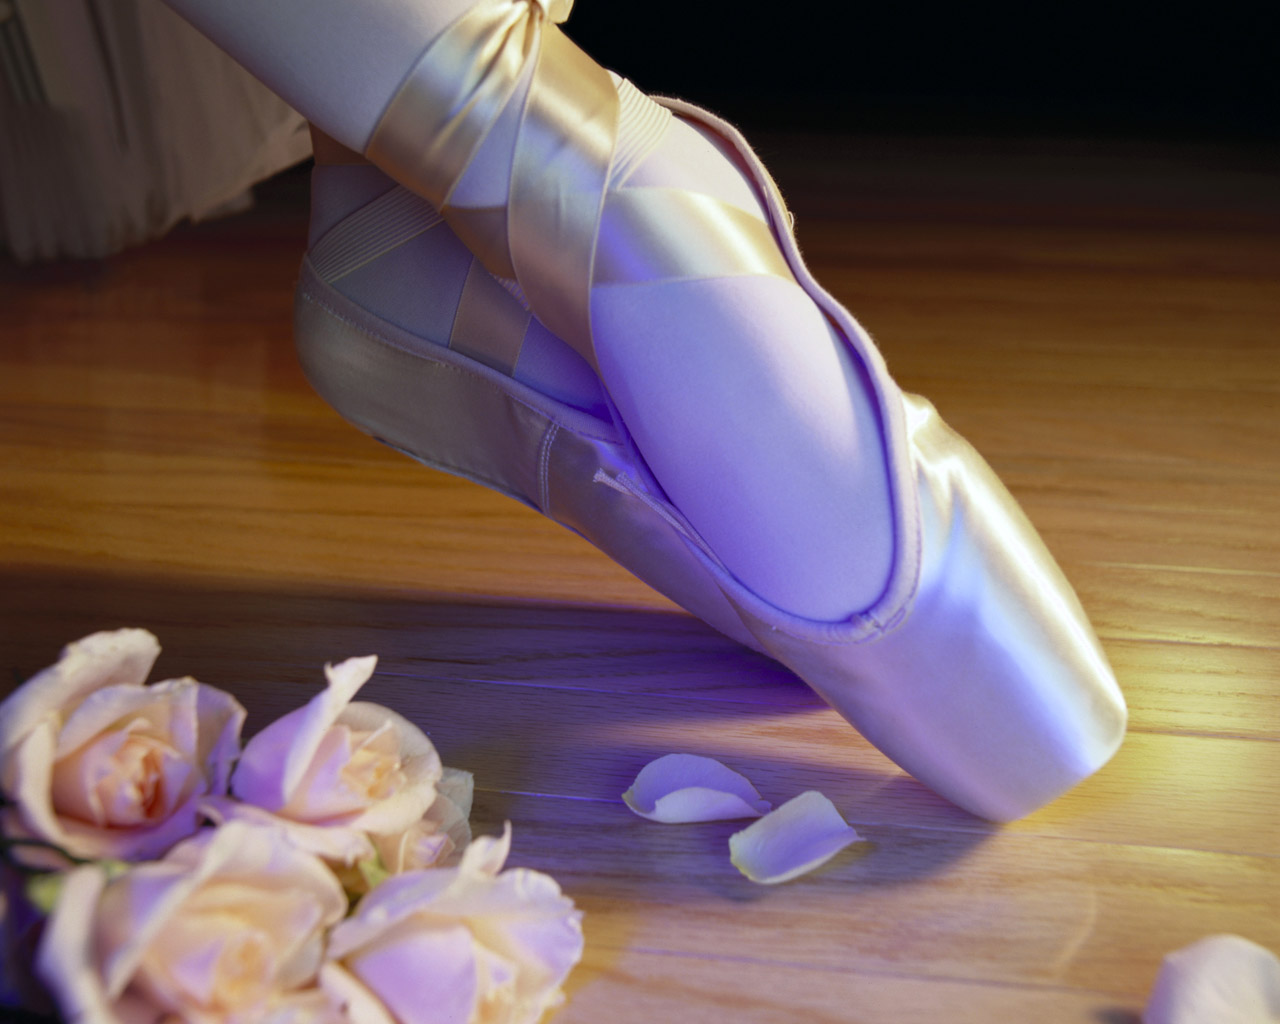 Ballet Shoes Wallpapers Desktop Wallpapers 1280x1024